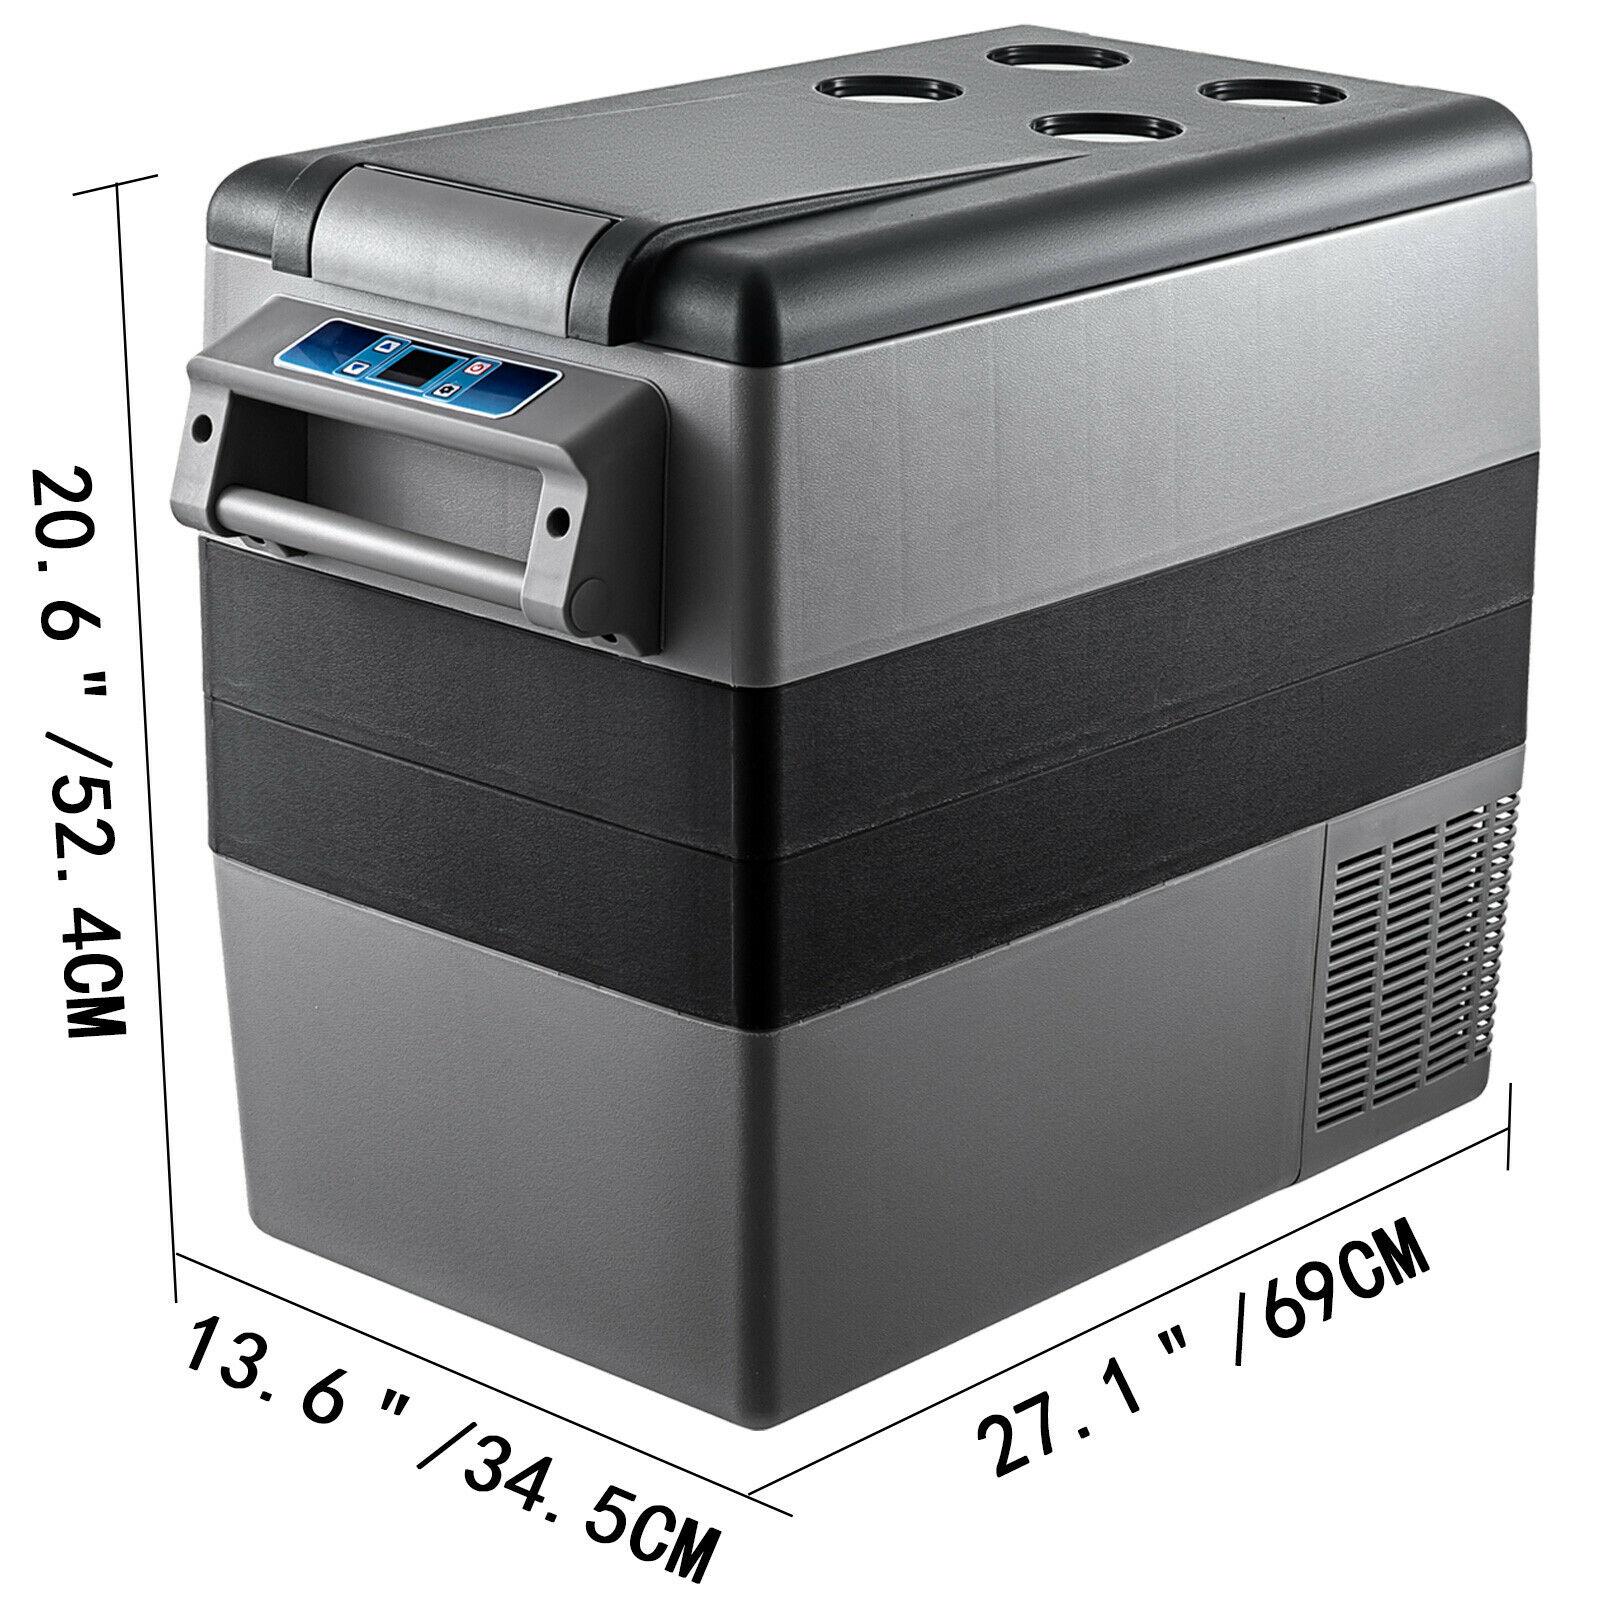 VEVOR 20L 22L 35L 45L 55L маленький автомобиль холодильник 12/24V DC 110-240V AC Портативный мини холодильники компрессора морозильных камер охладитель воздуха для дома 6